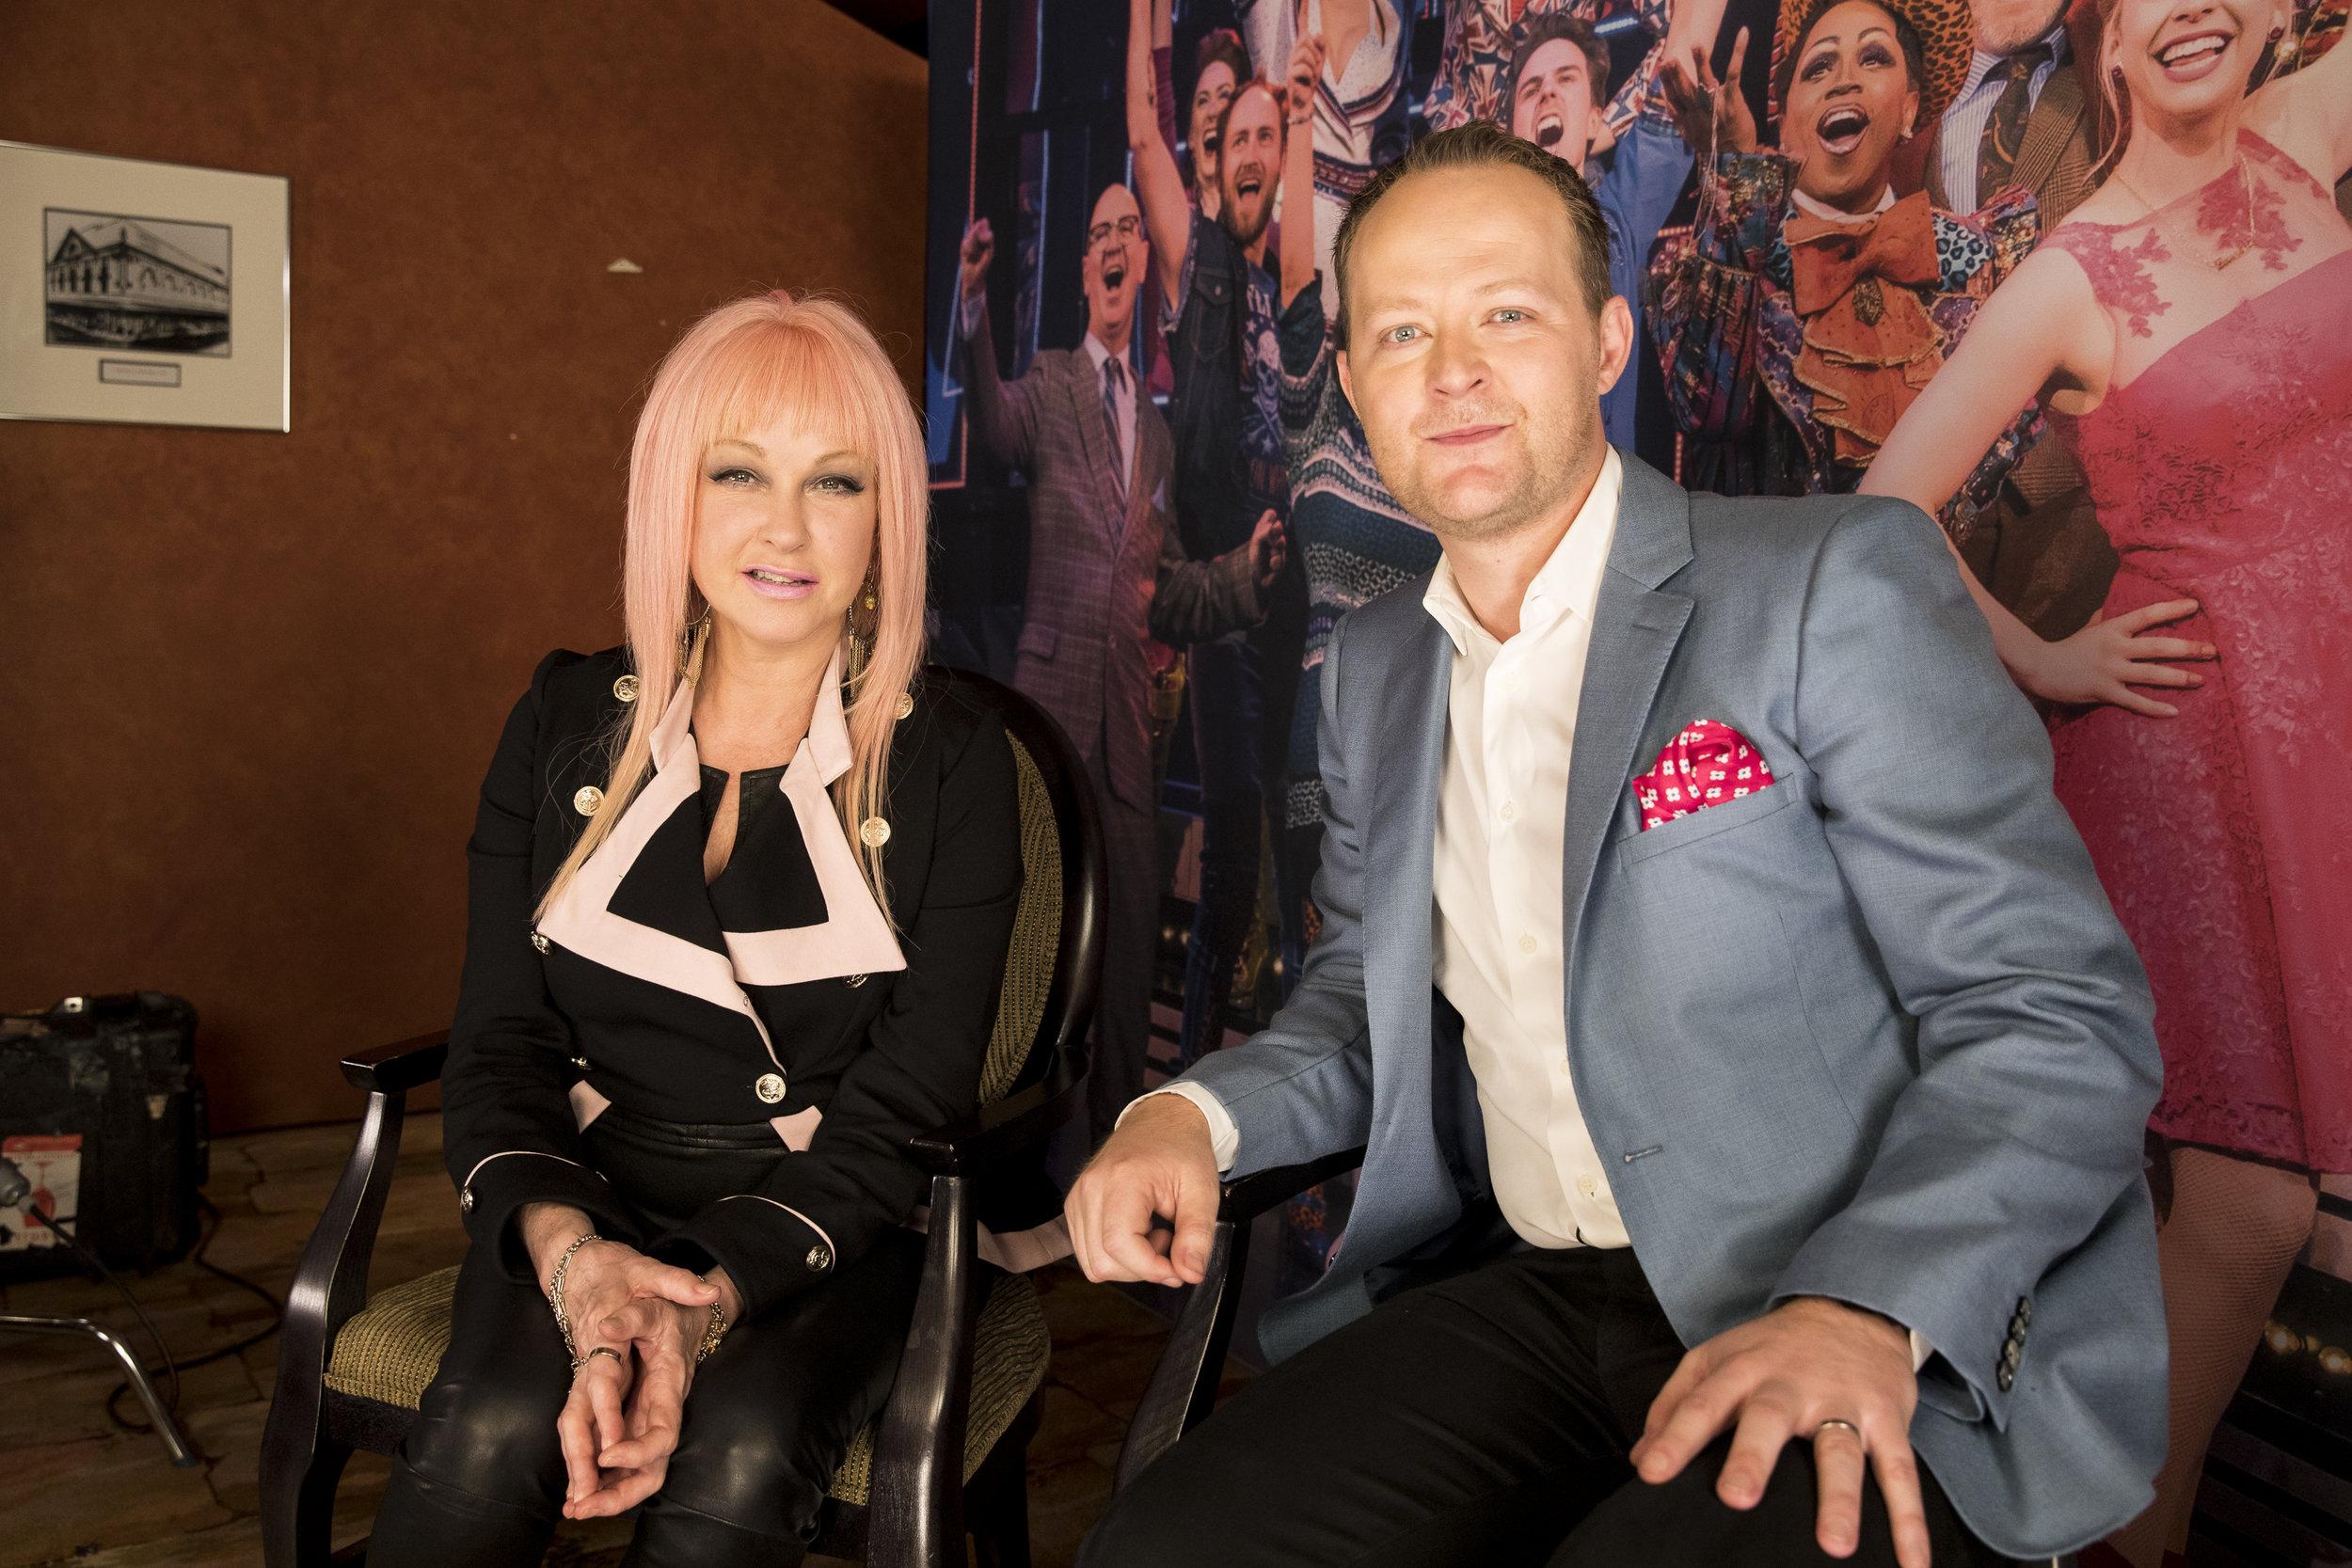 Cyndi Lauper and Michael Cassel